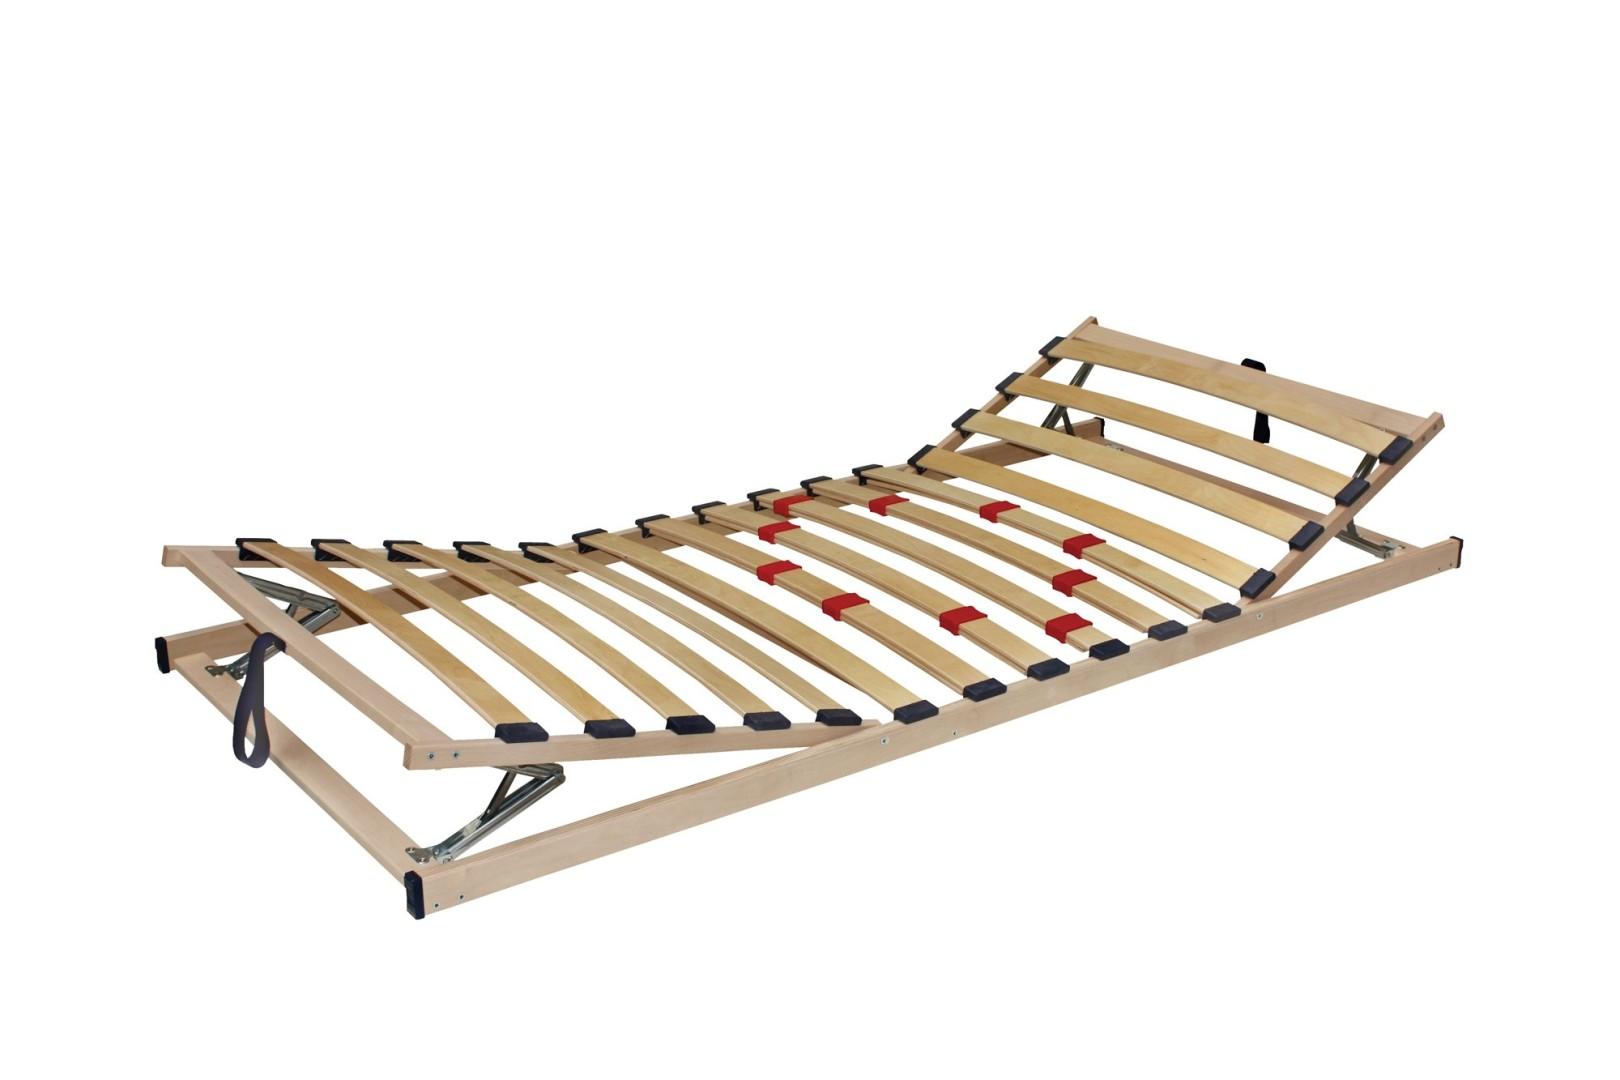 Ahorn OMEGA HN - postelový rošt s polohováním pro občasné přespání 80 x 200 cm